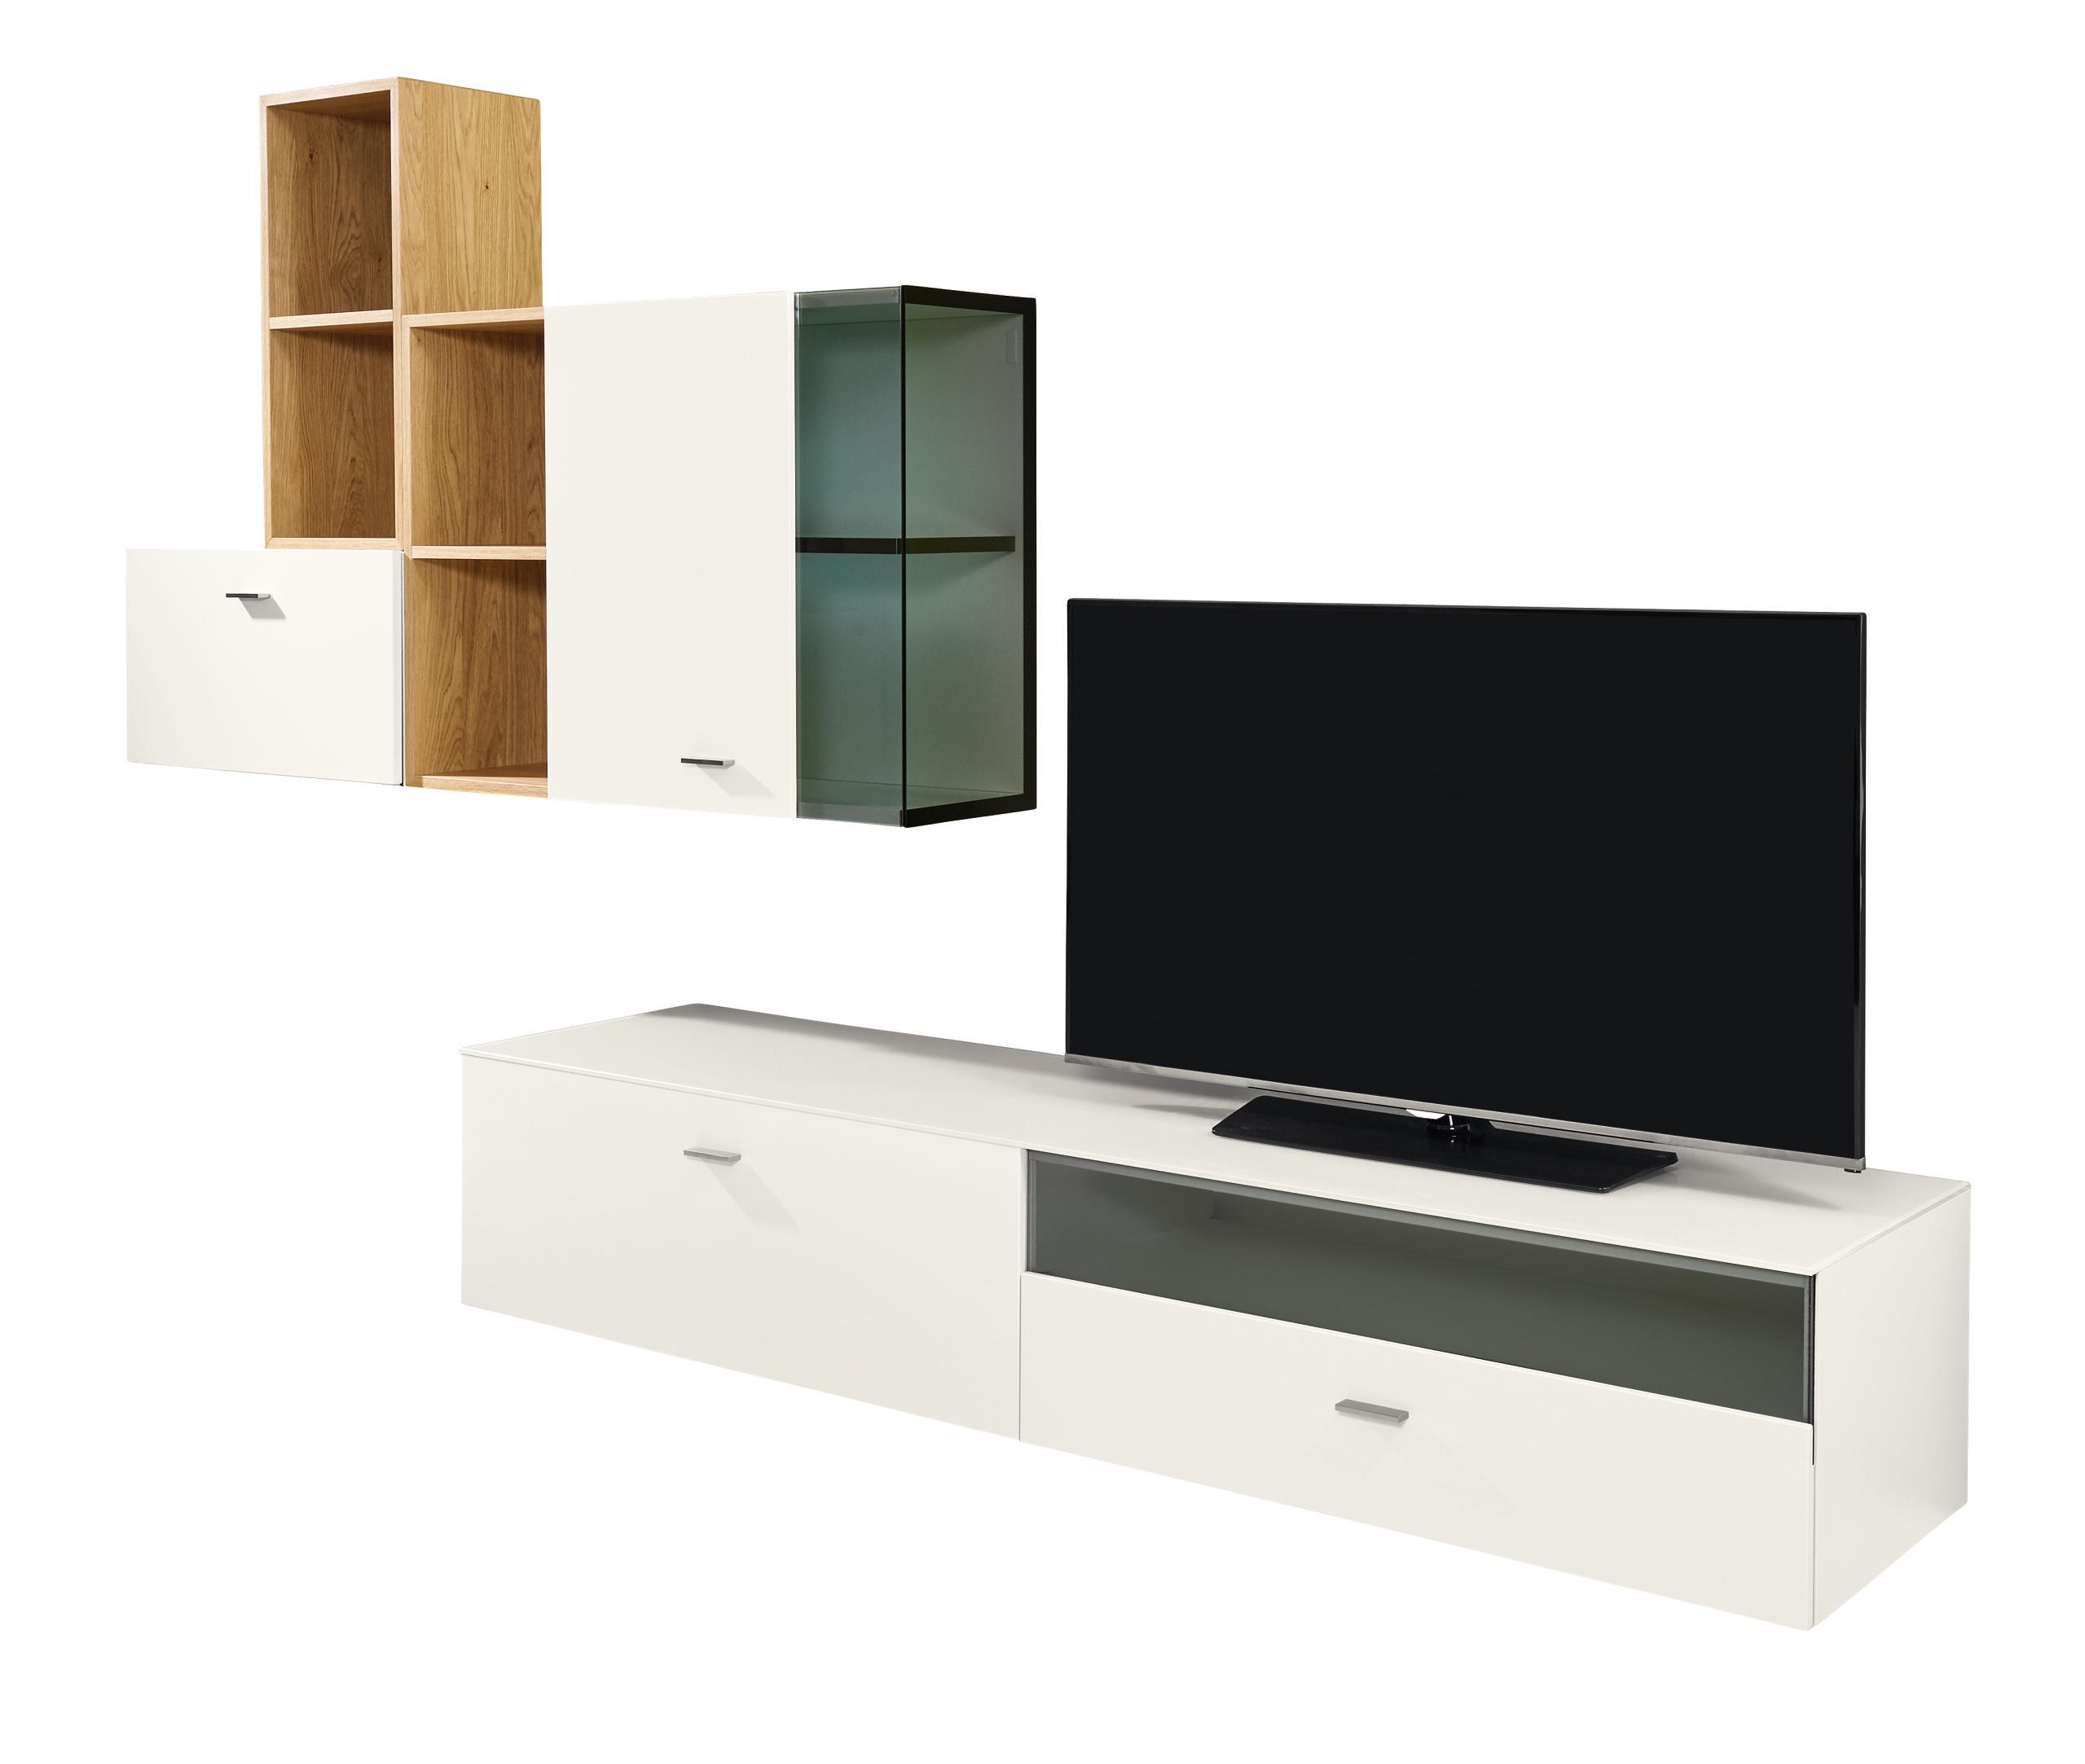 aktion now wohnwand vorzugskombination mit eiche akzent. Black Bedroom Furniture Sets. Home Design Ideas